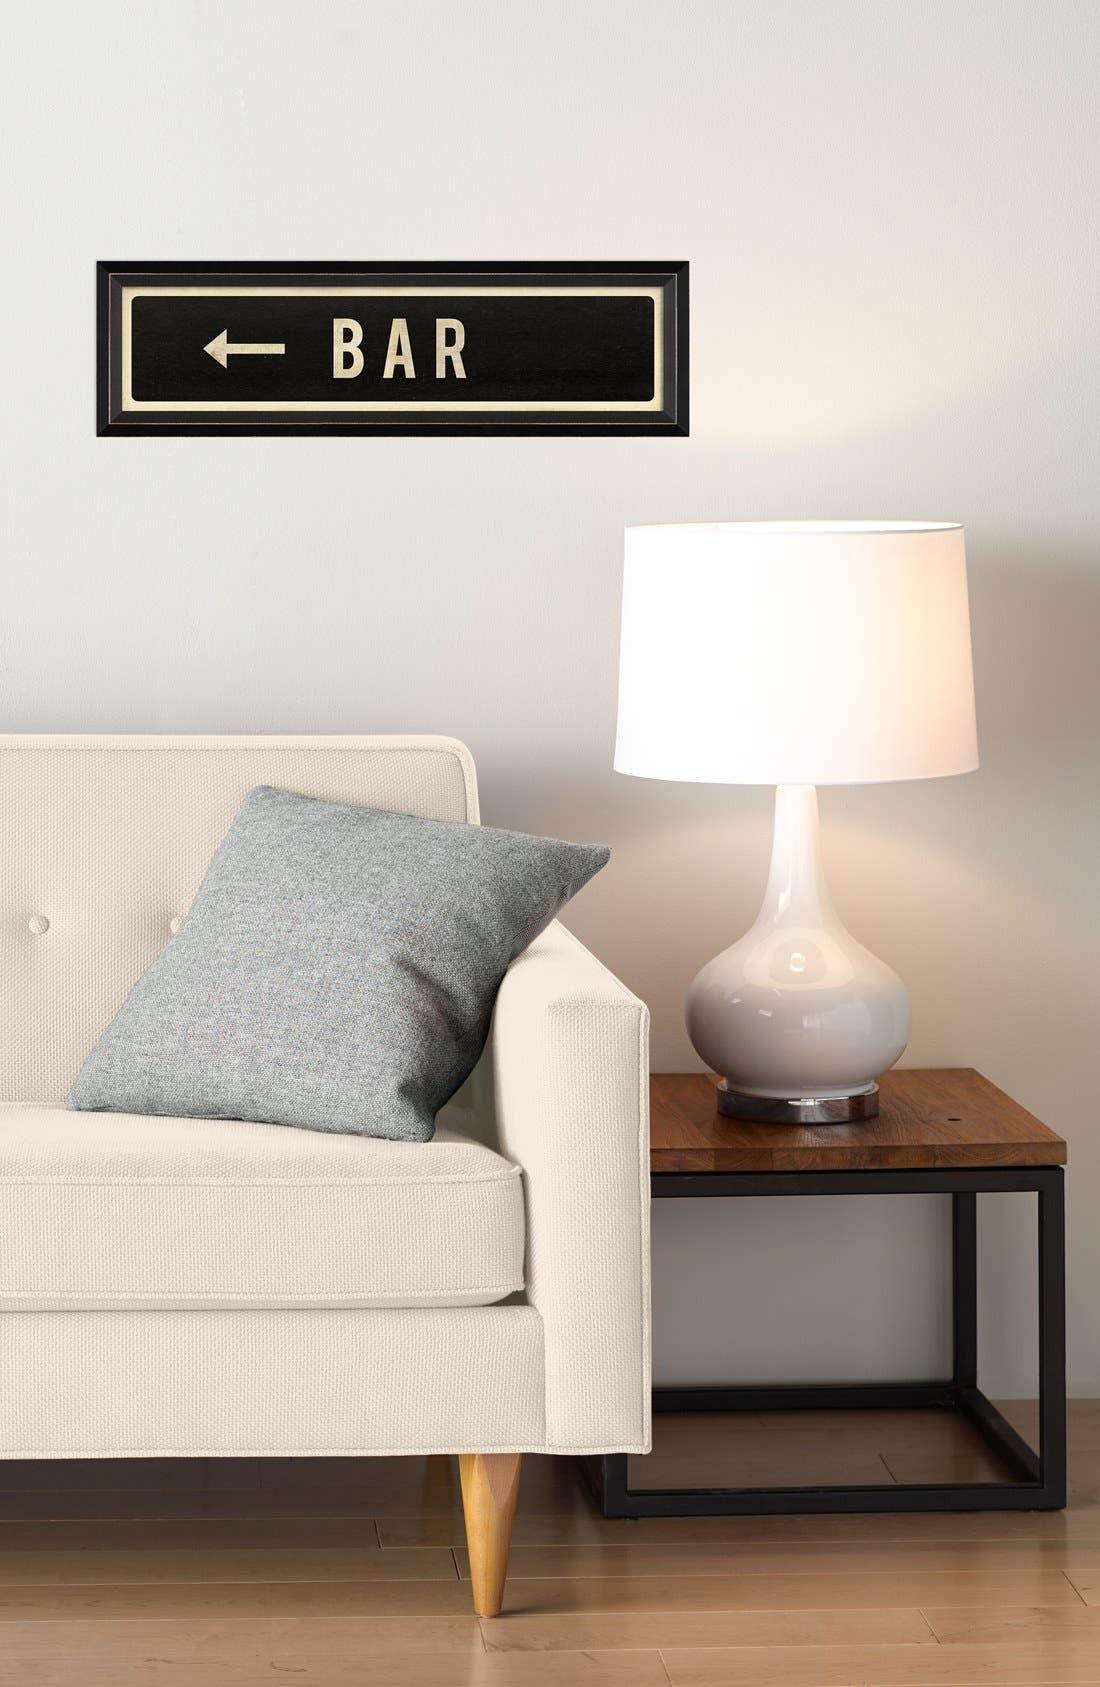 Alternate Image 2  - Spicher and Company 'Bar Left' Vintage Look Street Sign Artwork